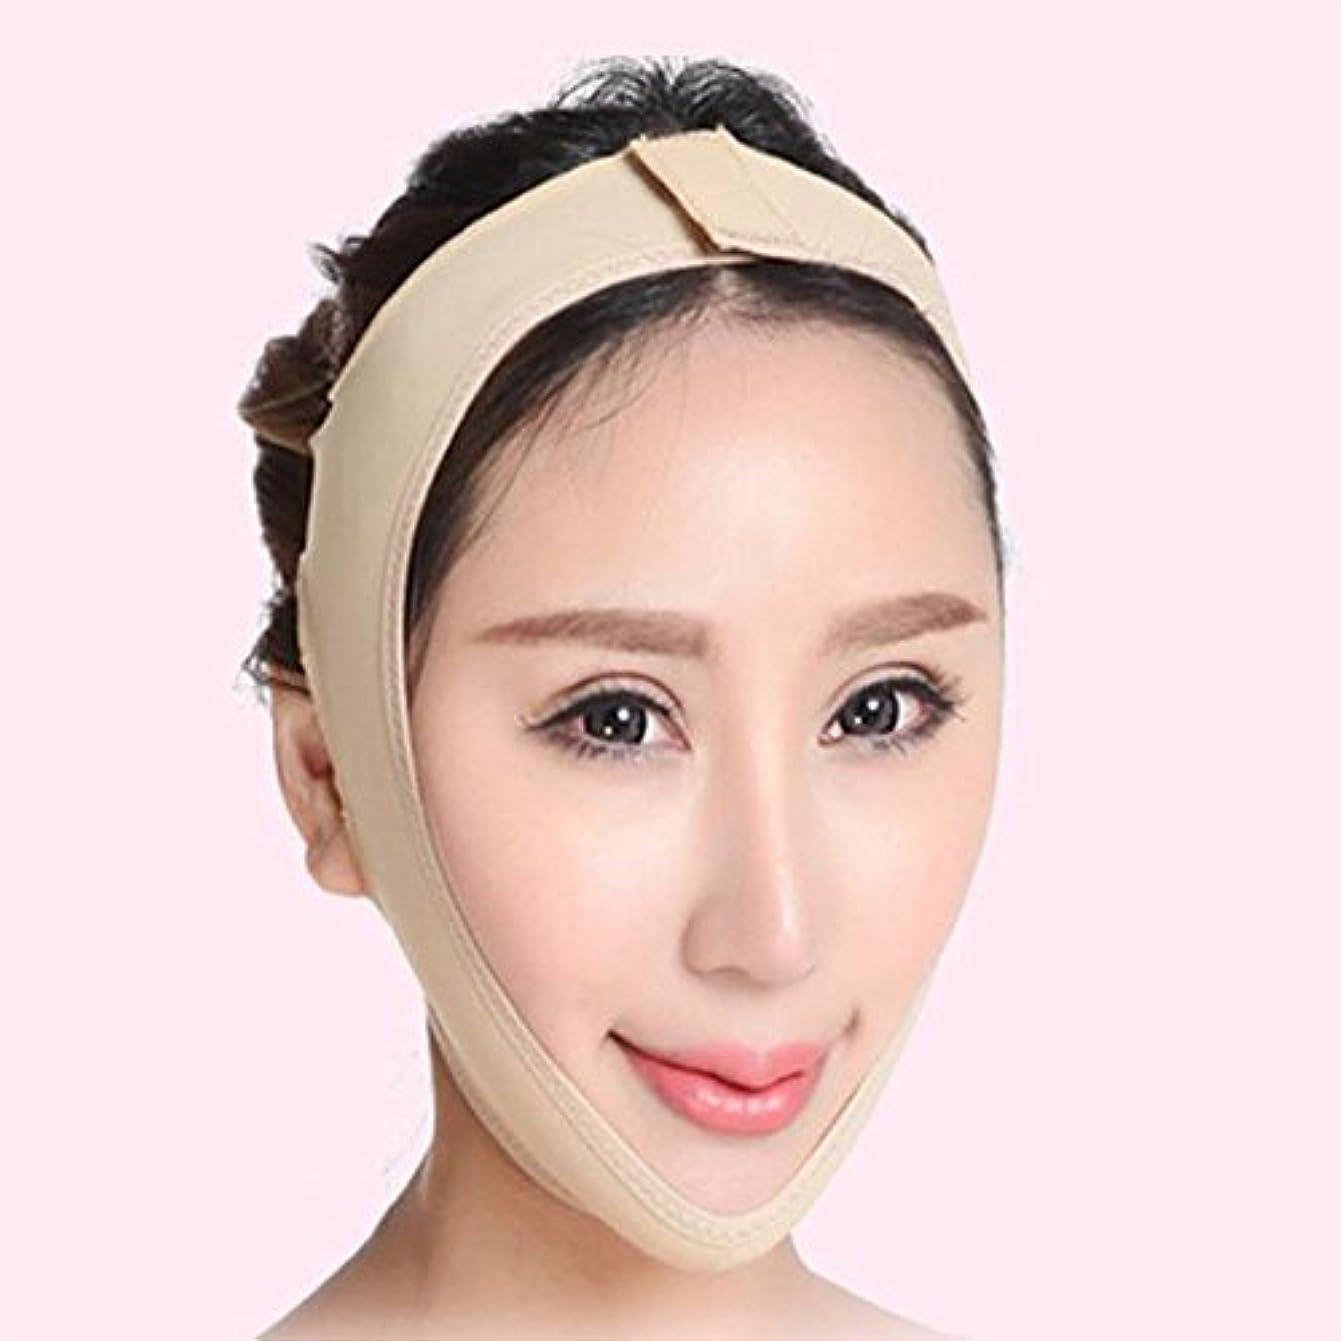 王朝ノーブルしなければならないSD 小顔 小顔マスク リフトアップ マスク フェイスライン 矯正 あご シャープ メンズ レディース Lサイズ AZD15003-L